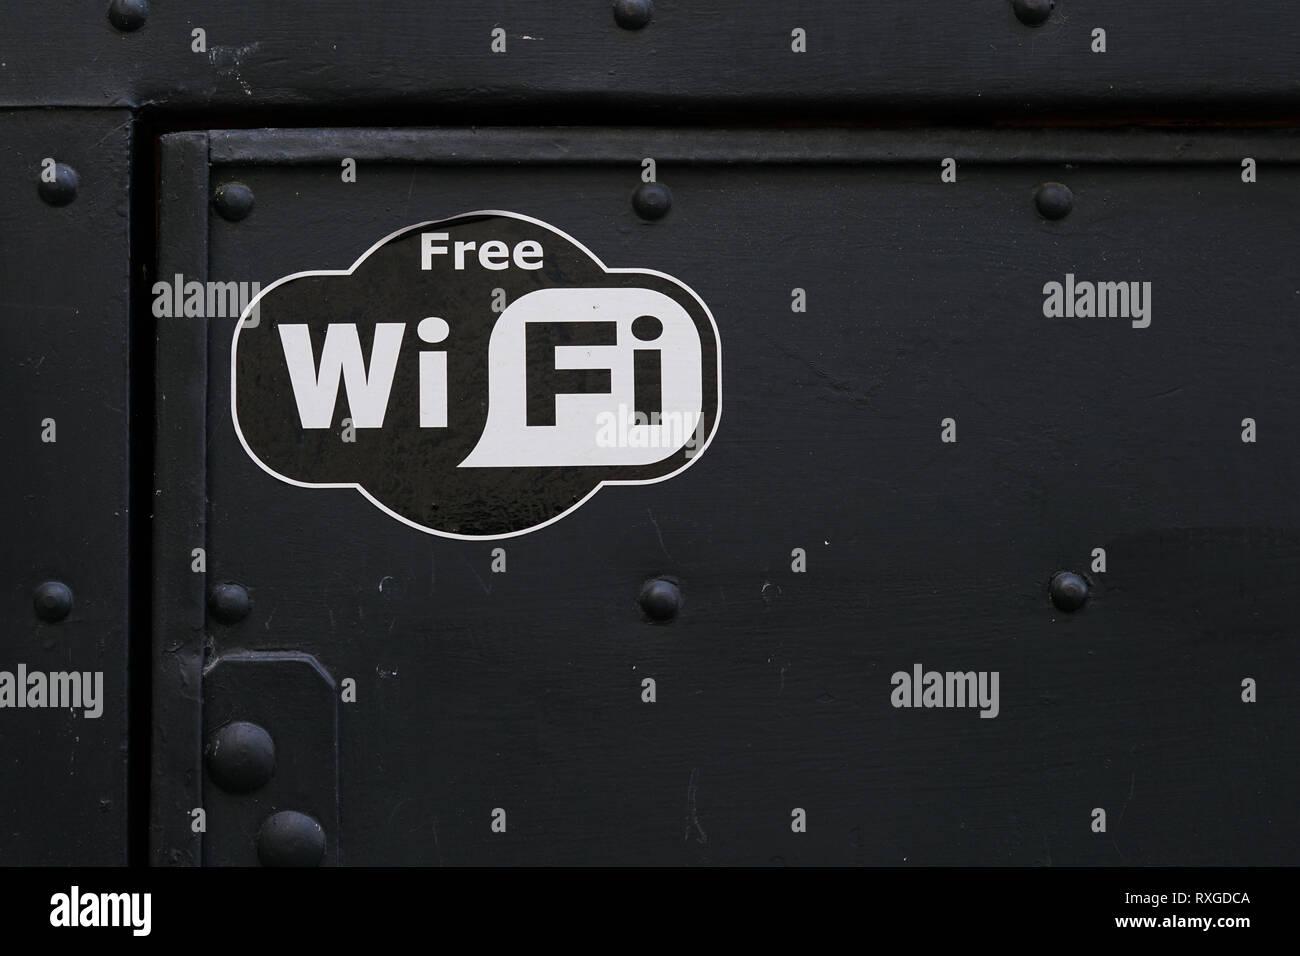 Wireless Lan Stock Photos & Wireless Lan Stock Images - Alamy